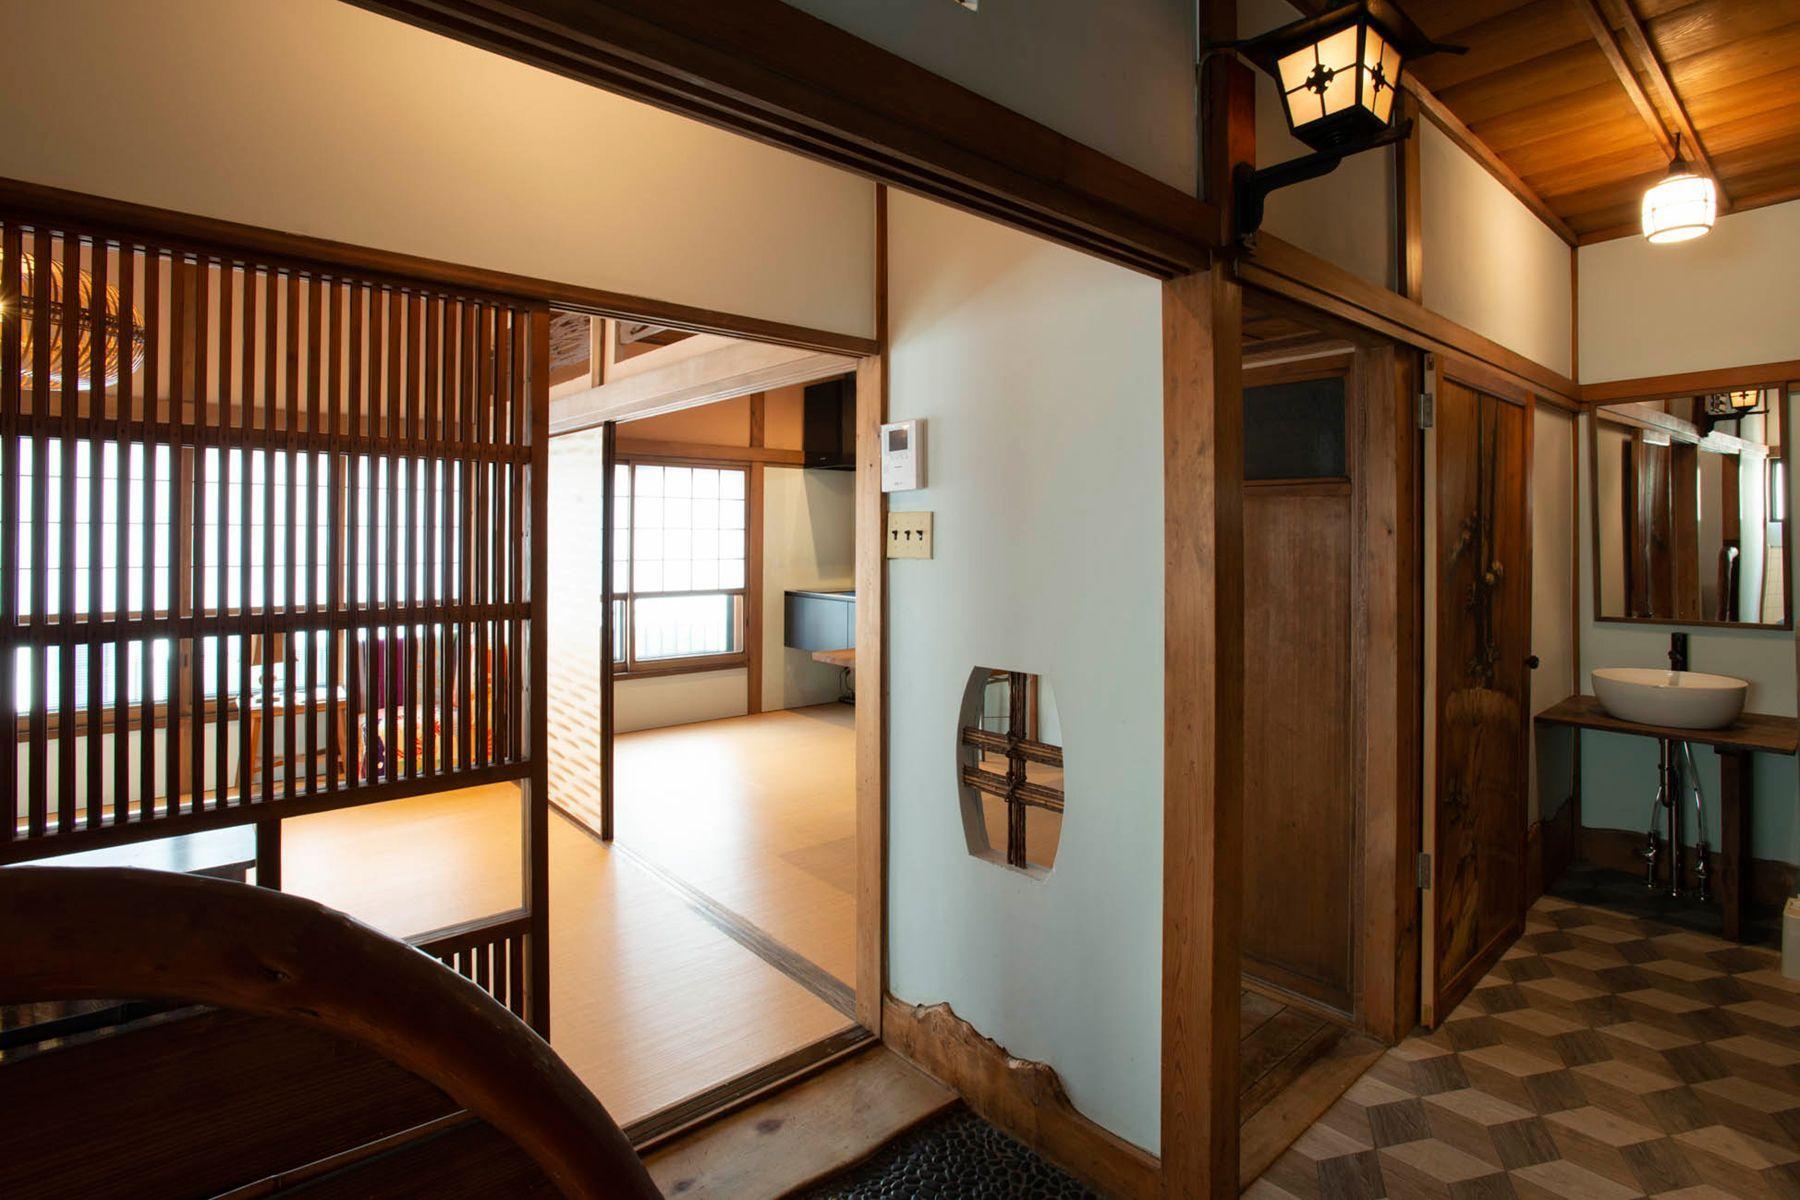 江戸端会議室 (エドバタカイギシツ)階段 元浴室のタイルを残した壁